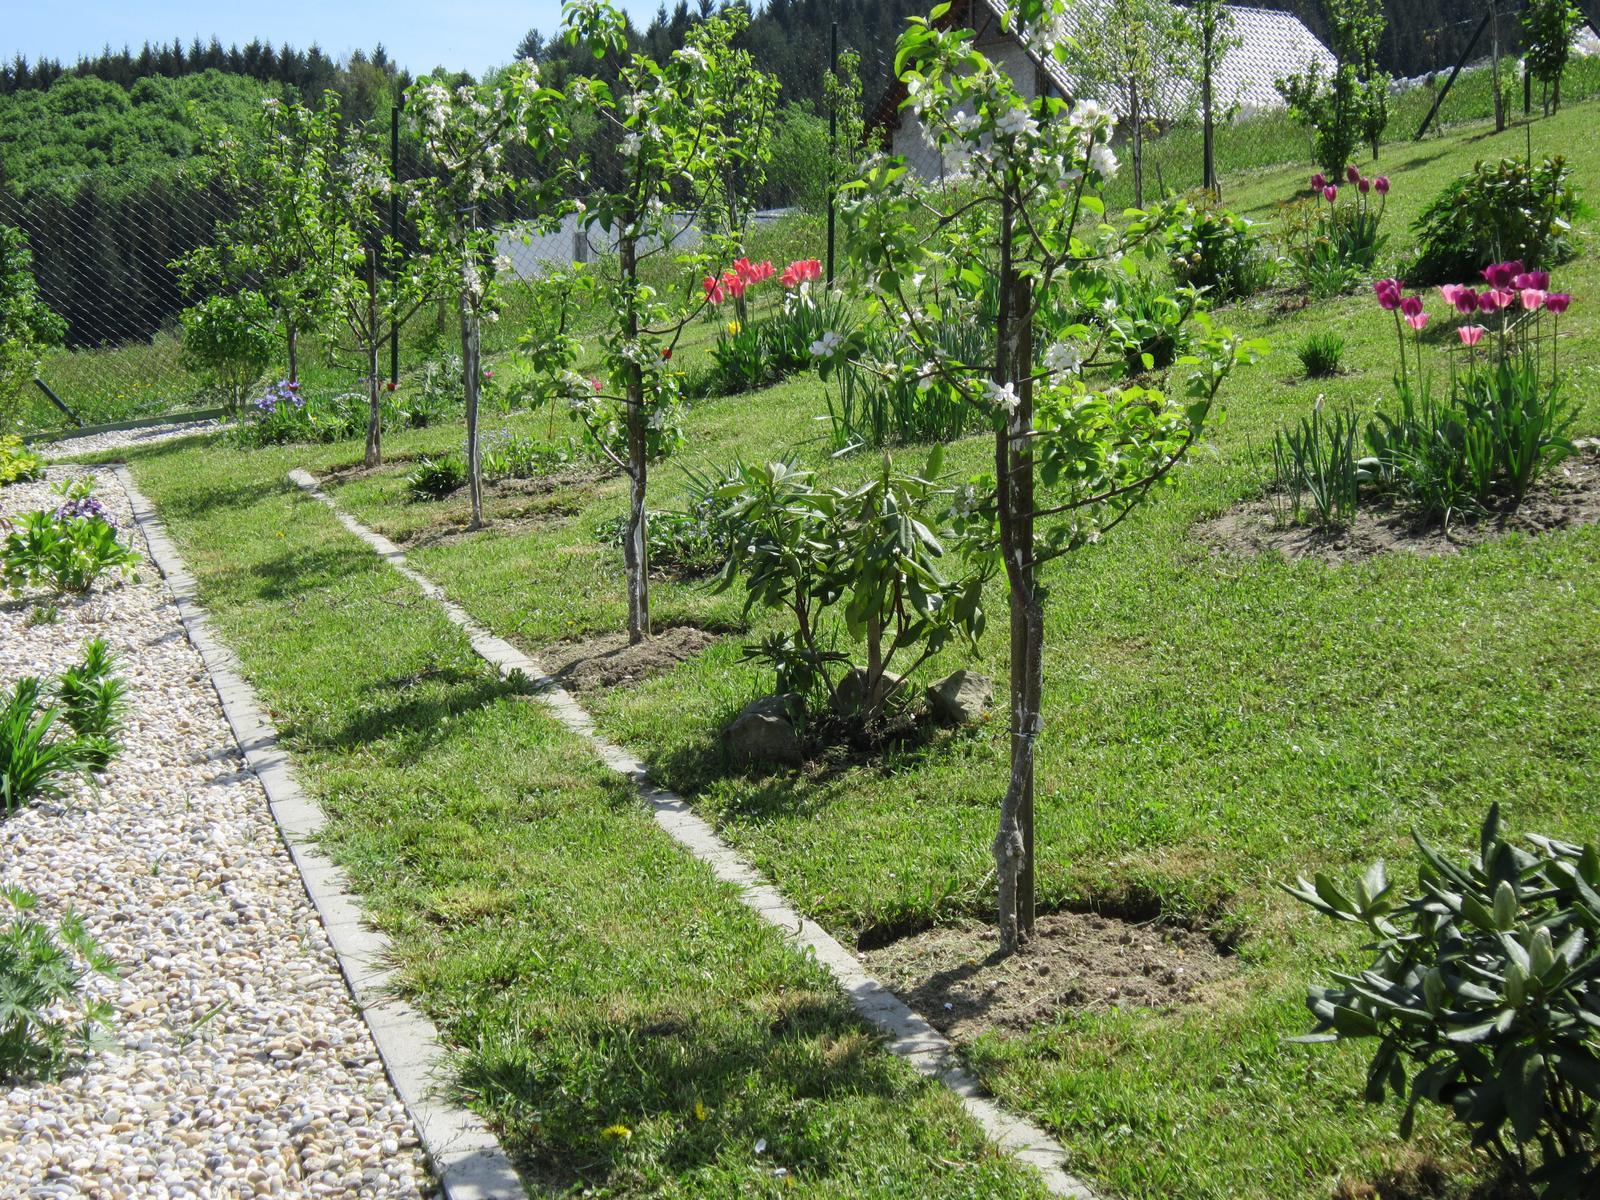 Moja záhrada...ako šiel čas - Pomaly tvarujeme záhradu...